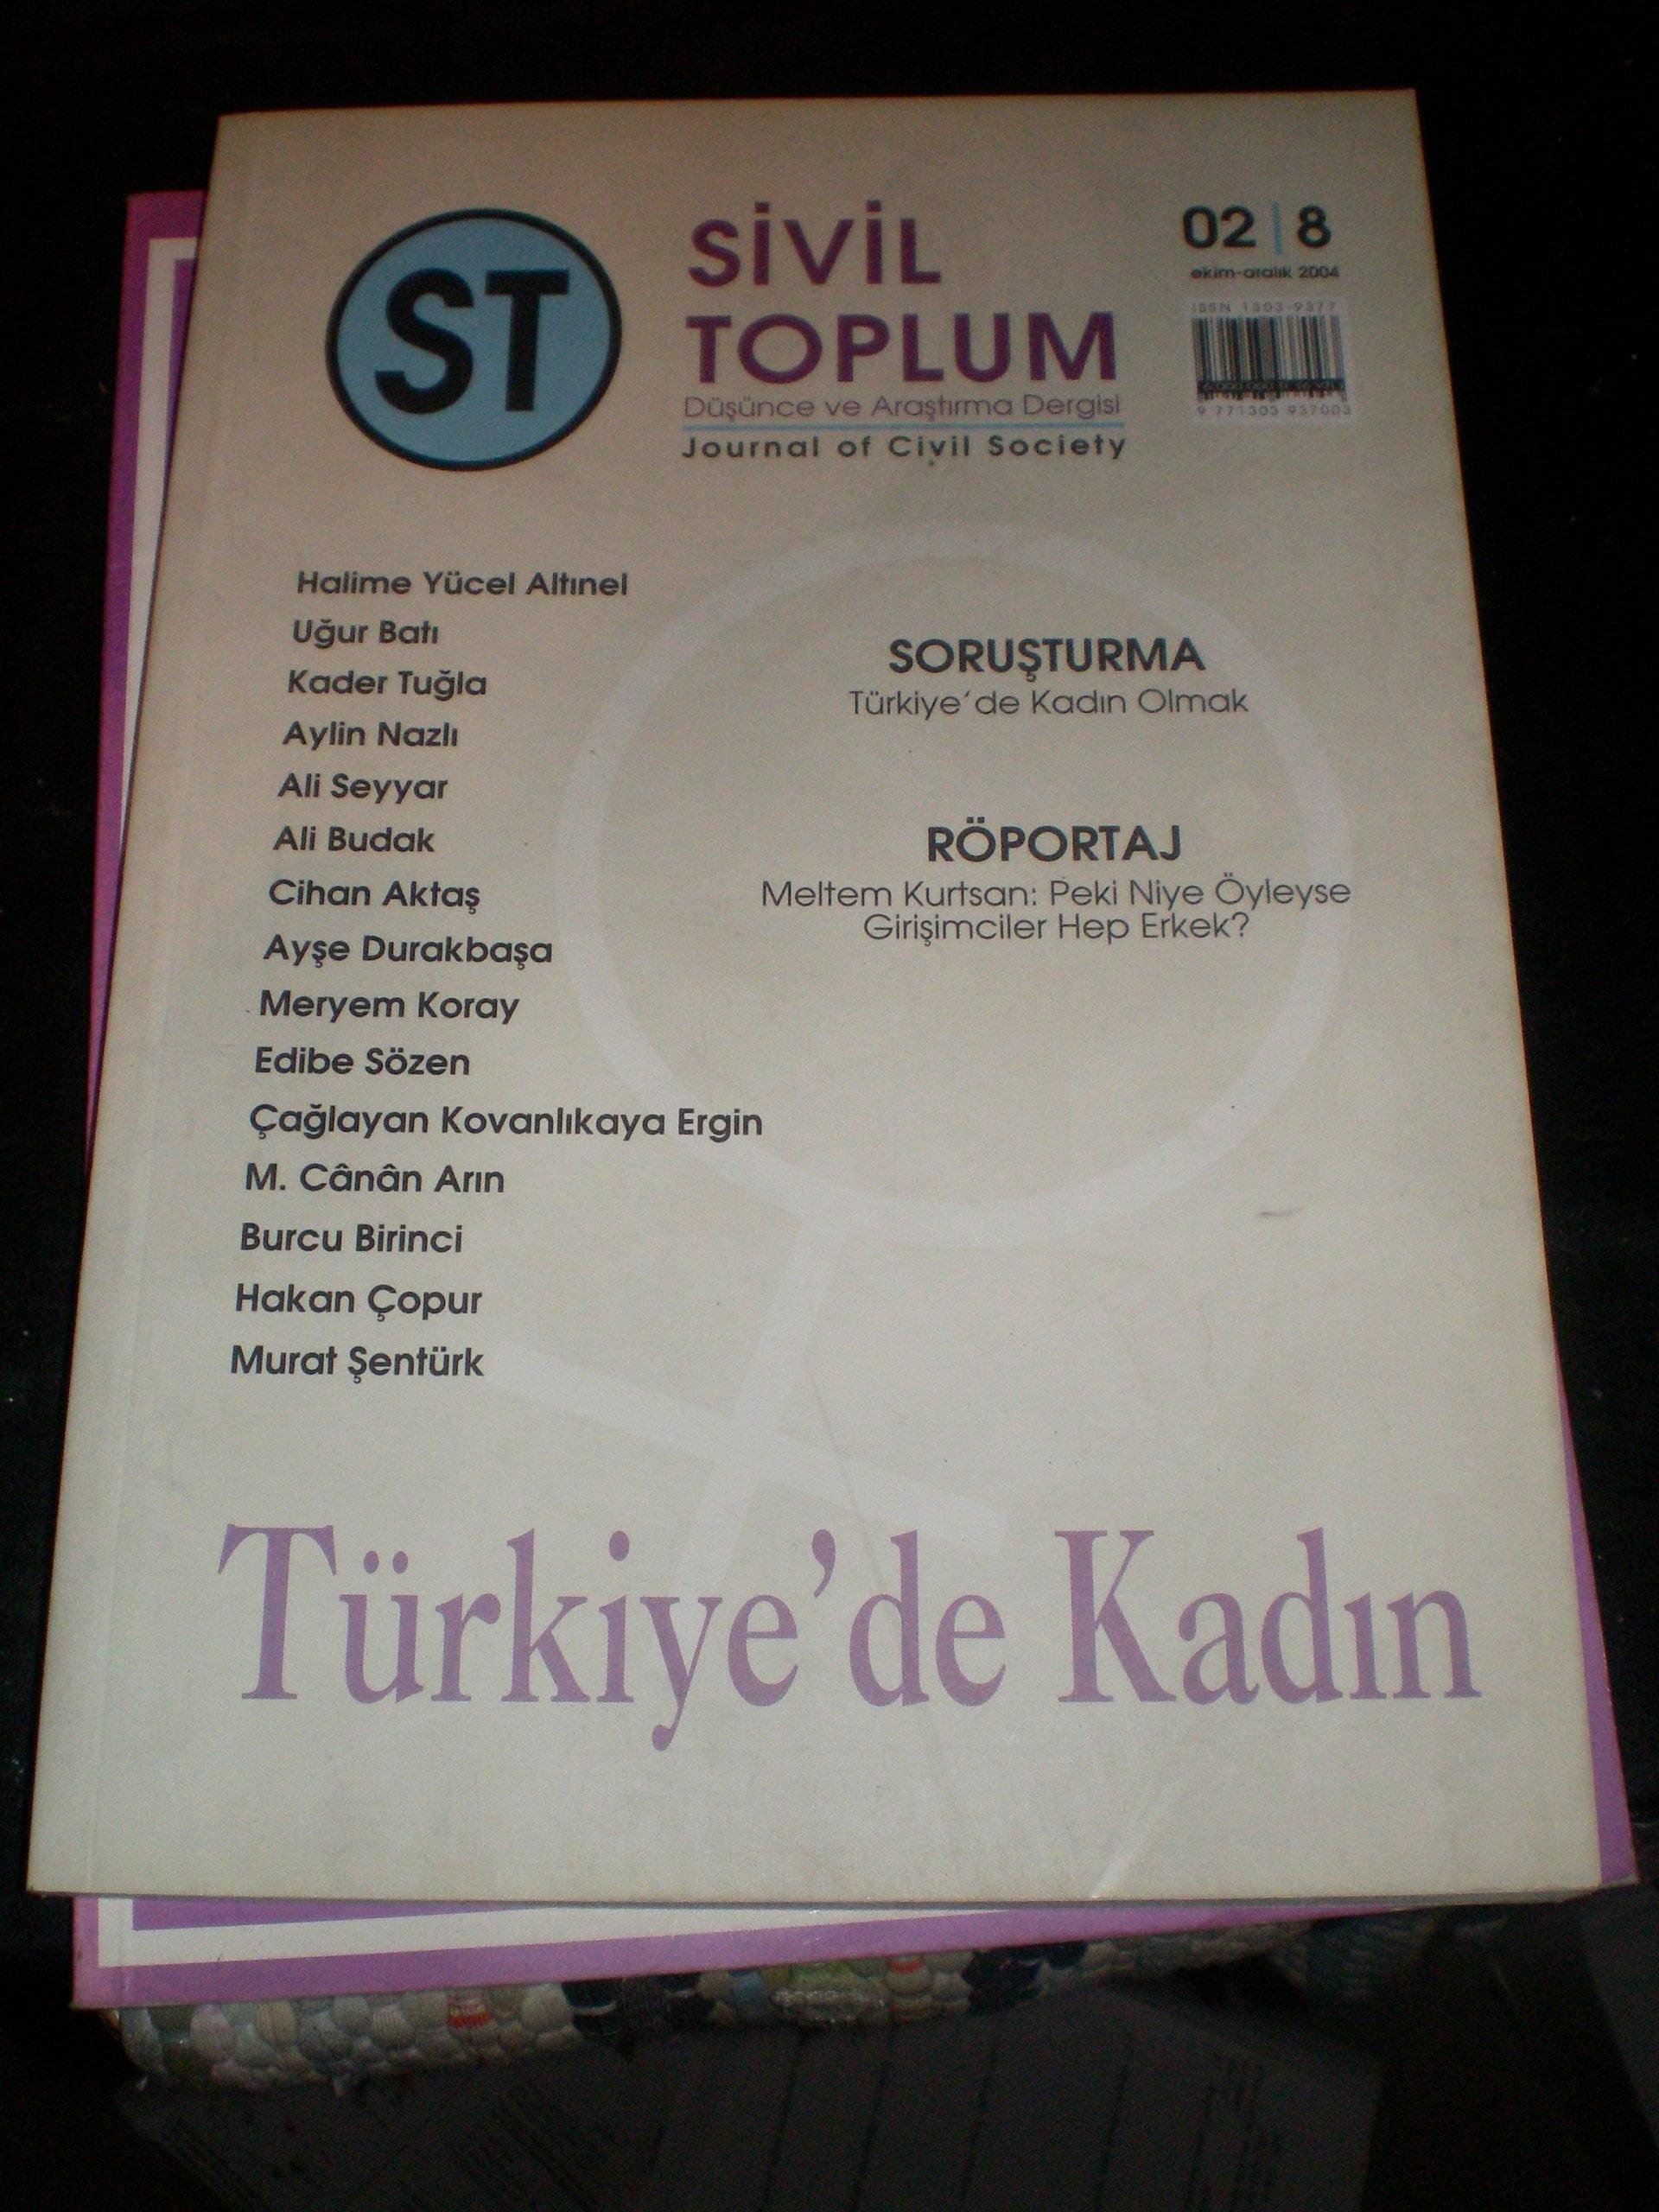 SİVİL TOPLUM -düşünce & araştırma dergisi-2005/ 3 ADET/ Toplam 30 tl